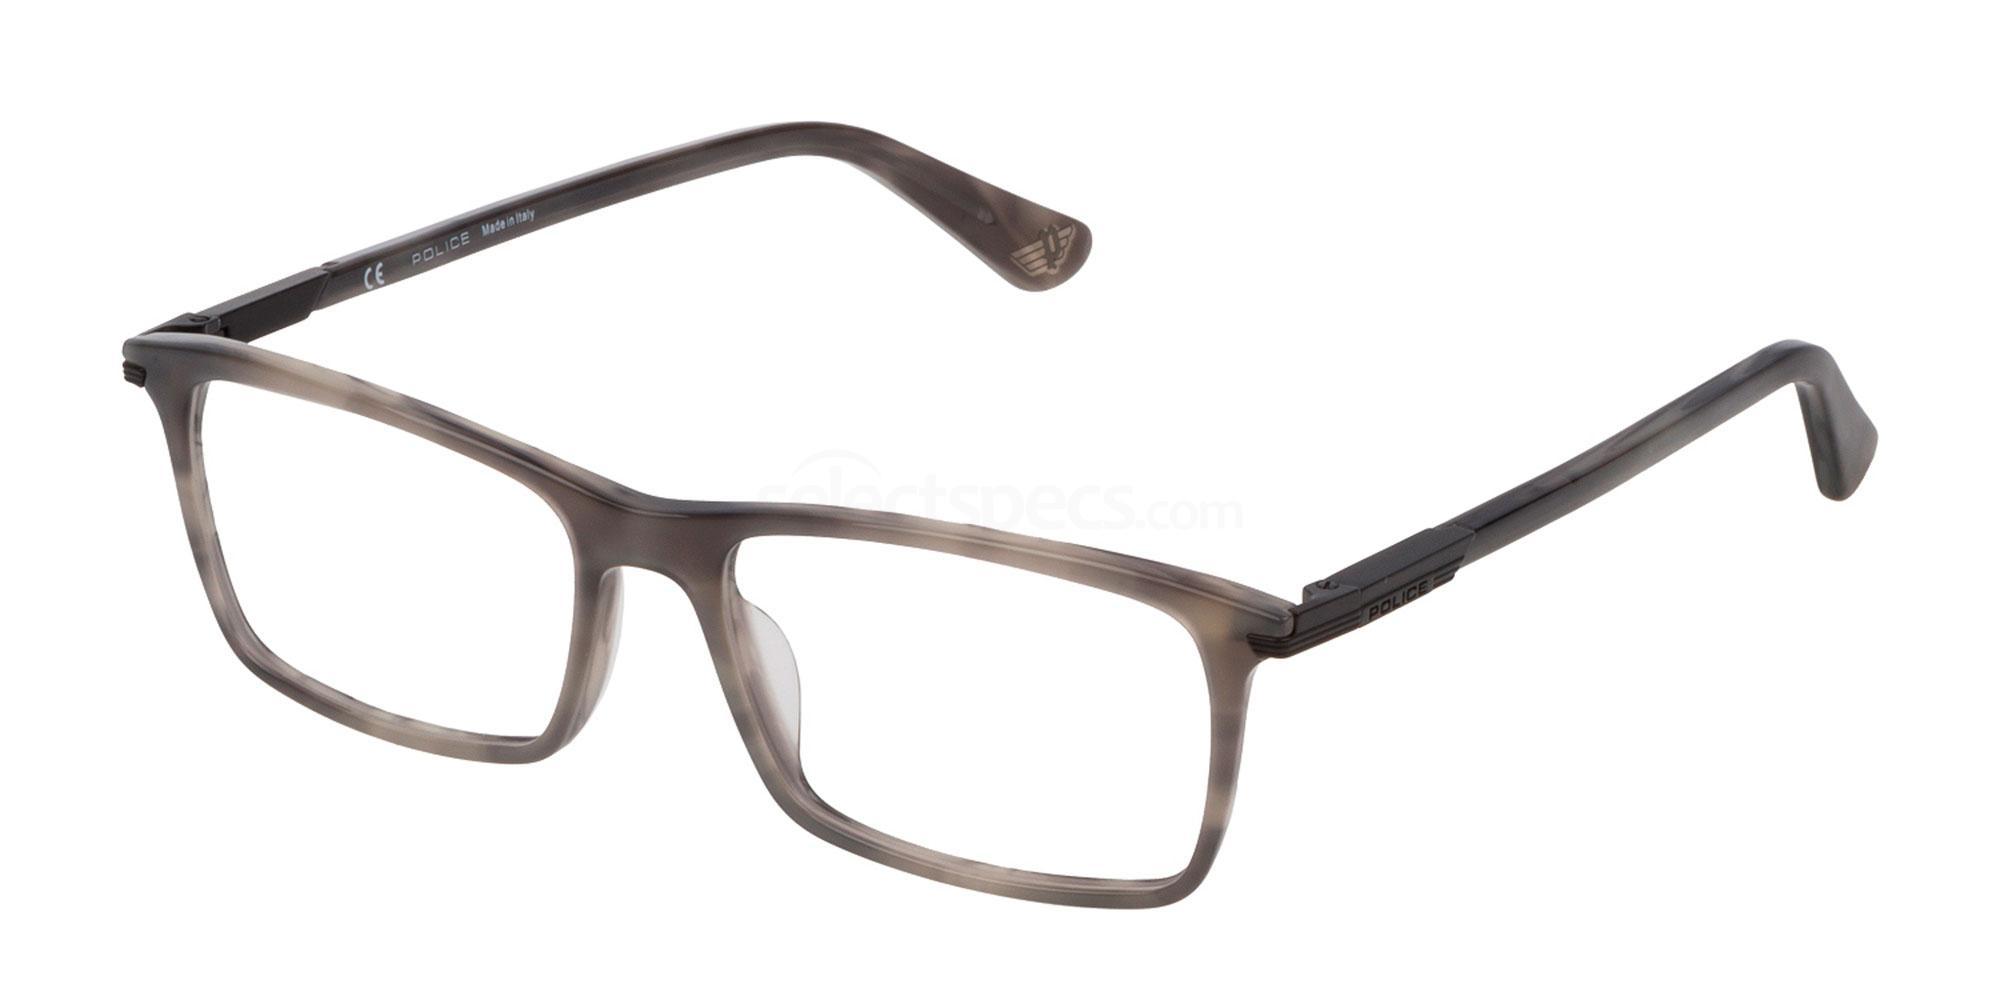 01EX VPL691 Glasses, Police